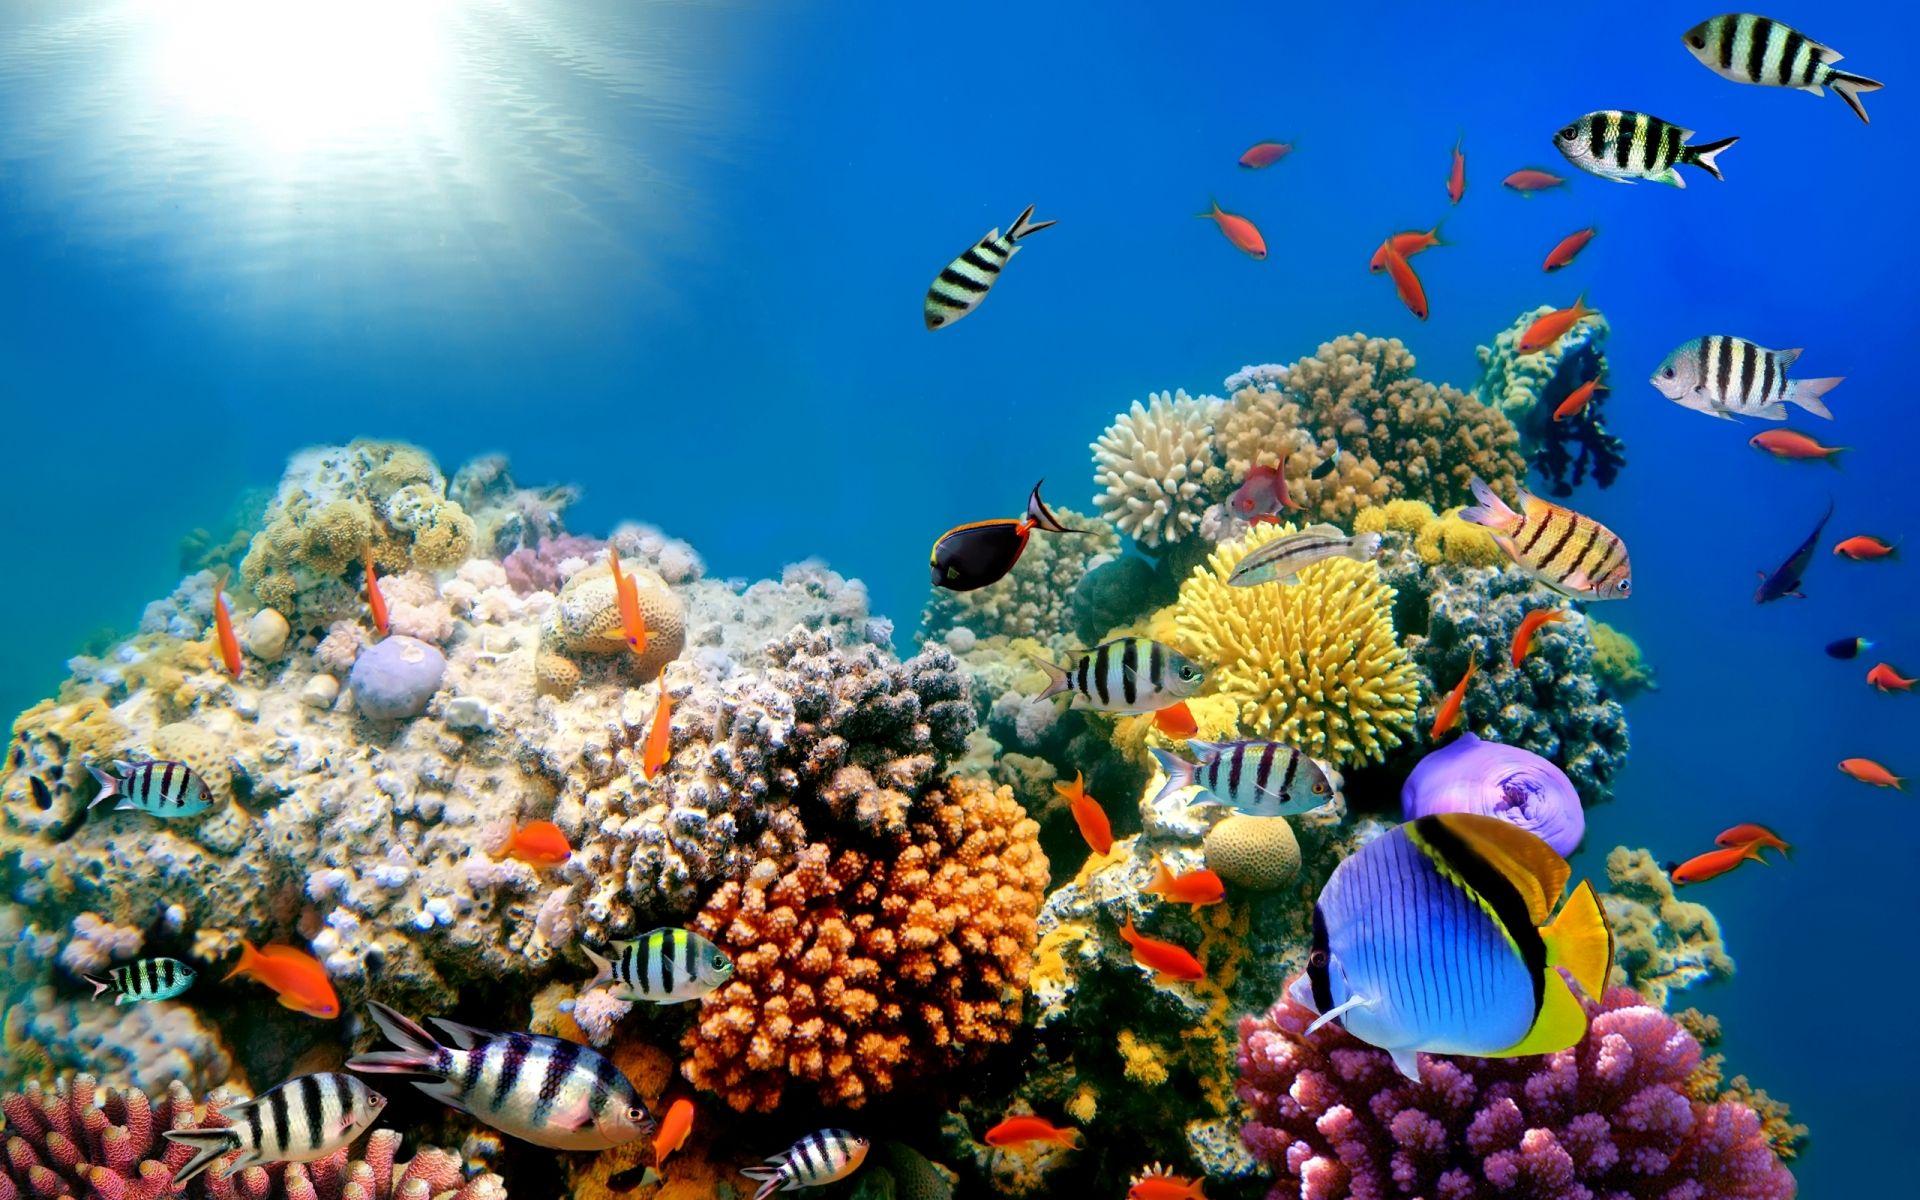 reef ocean sea underwater wallpaper background | reef & ocean